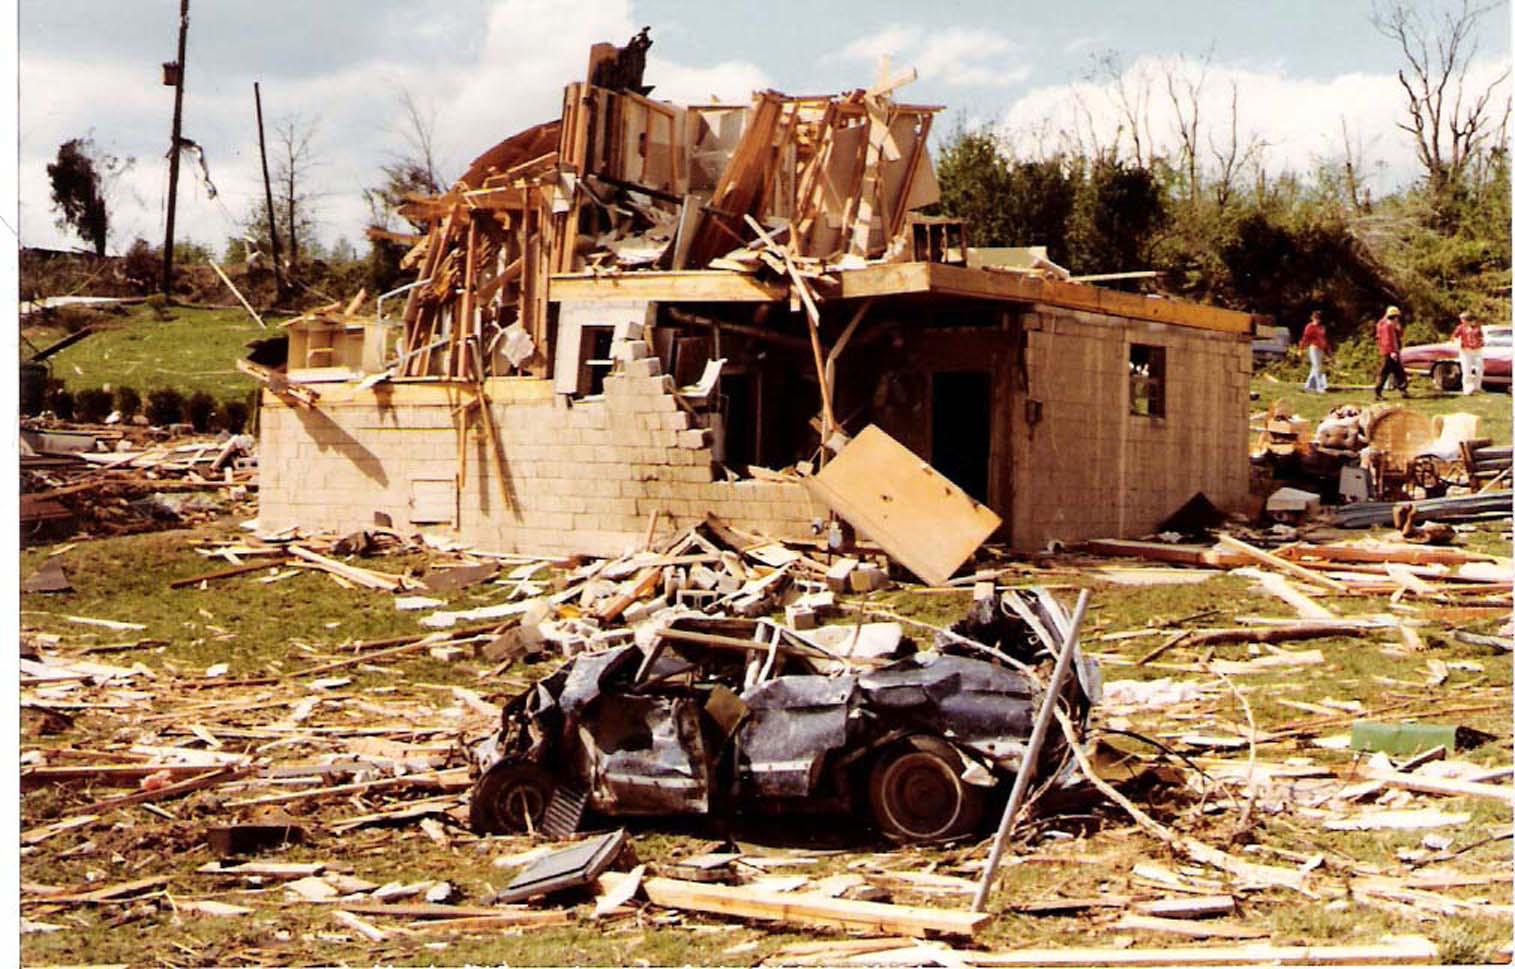 Smithfield, AL F5 Tornado – April 4, 1977